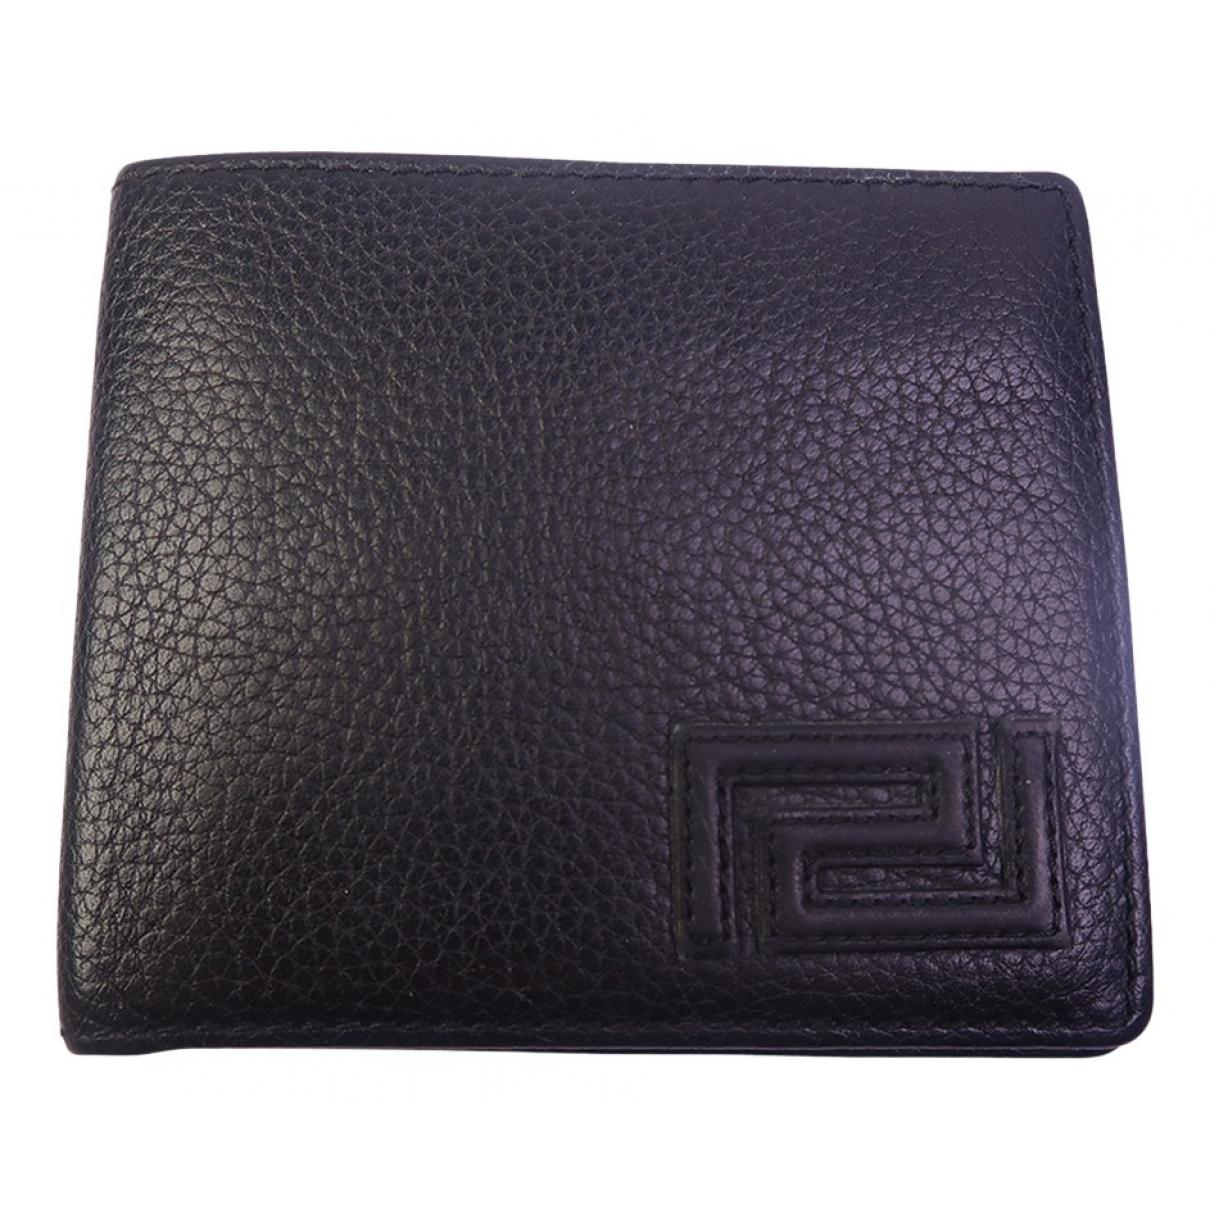 Versace N Black Leather wallet for Women N